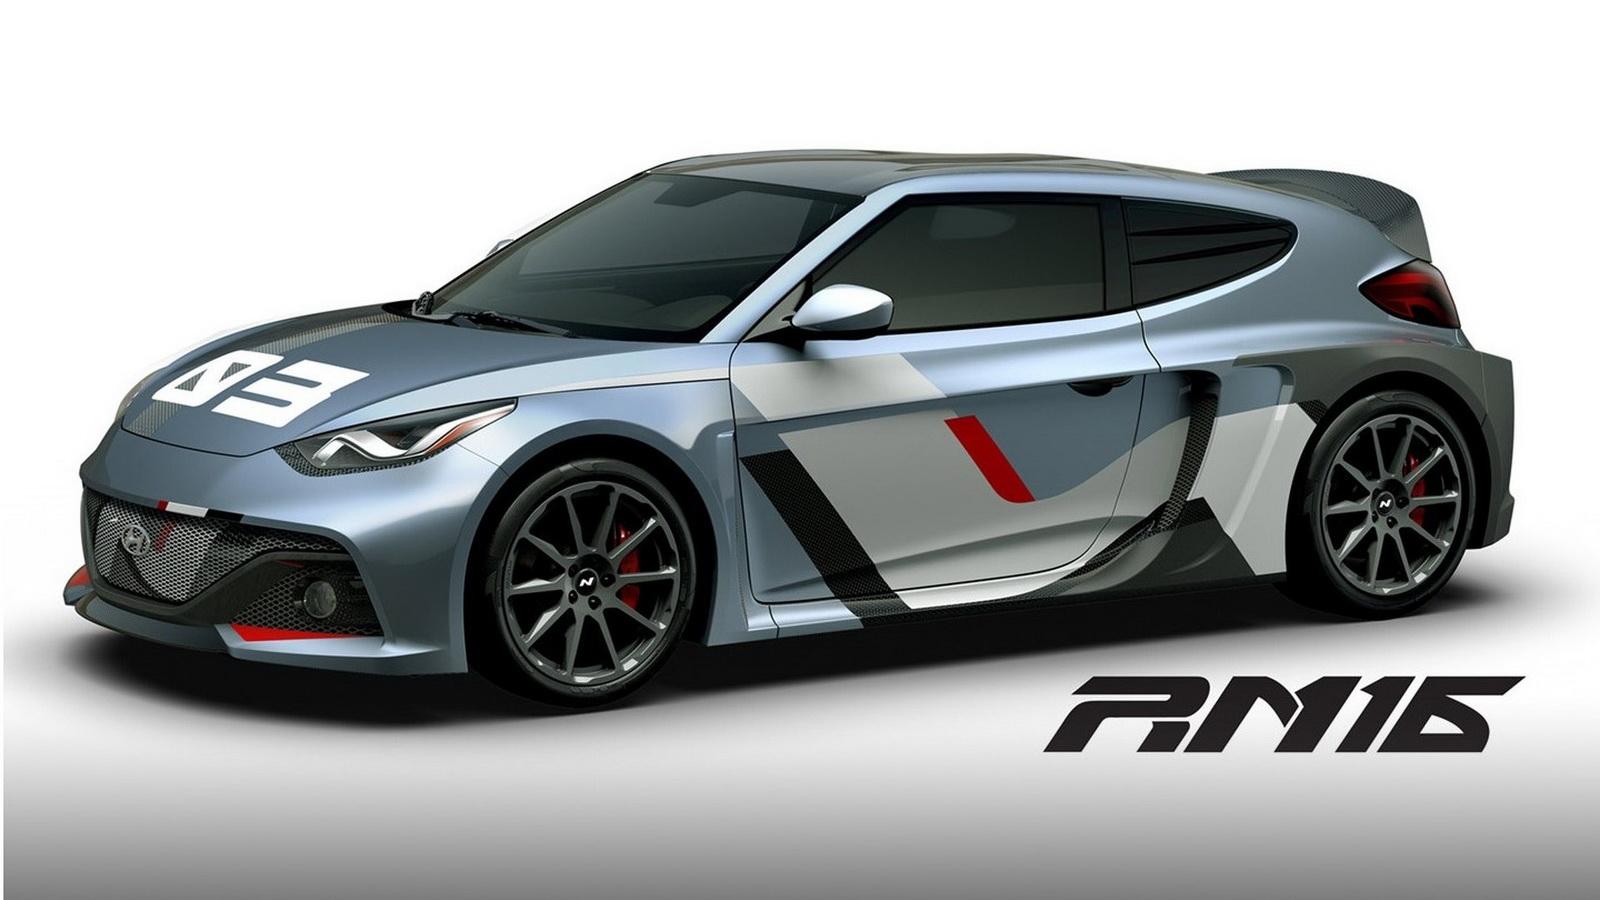 Hyundai Rm16 >> Hyundai showcases the RM16 N Concept at the 2016 Busan Motor Show | Motoroids